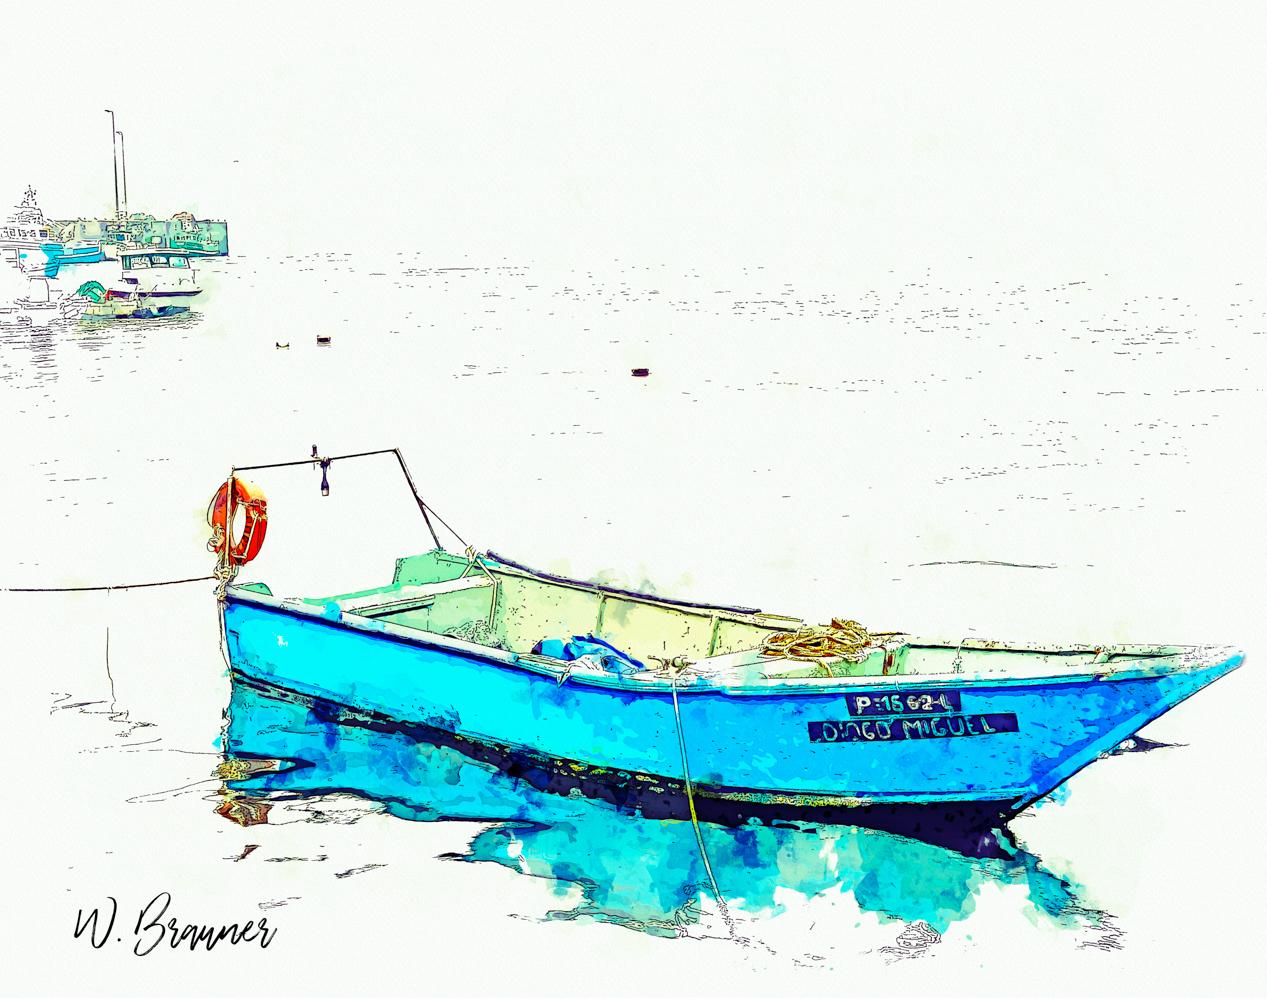 Fishing Boat, Afurada, Portugal